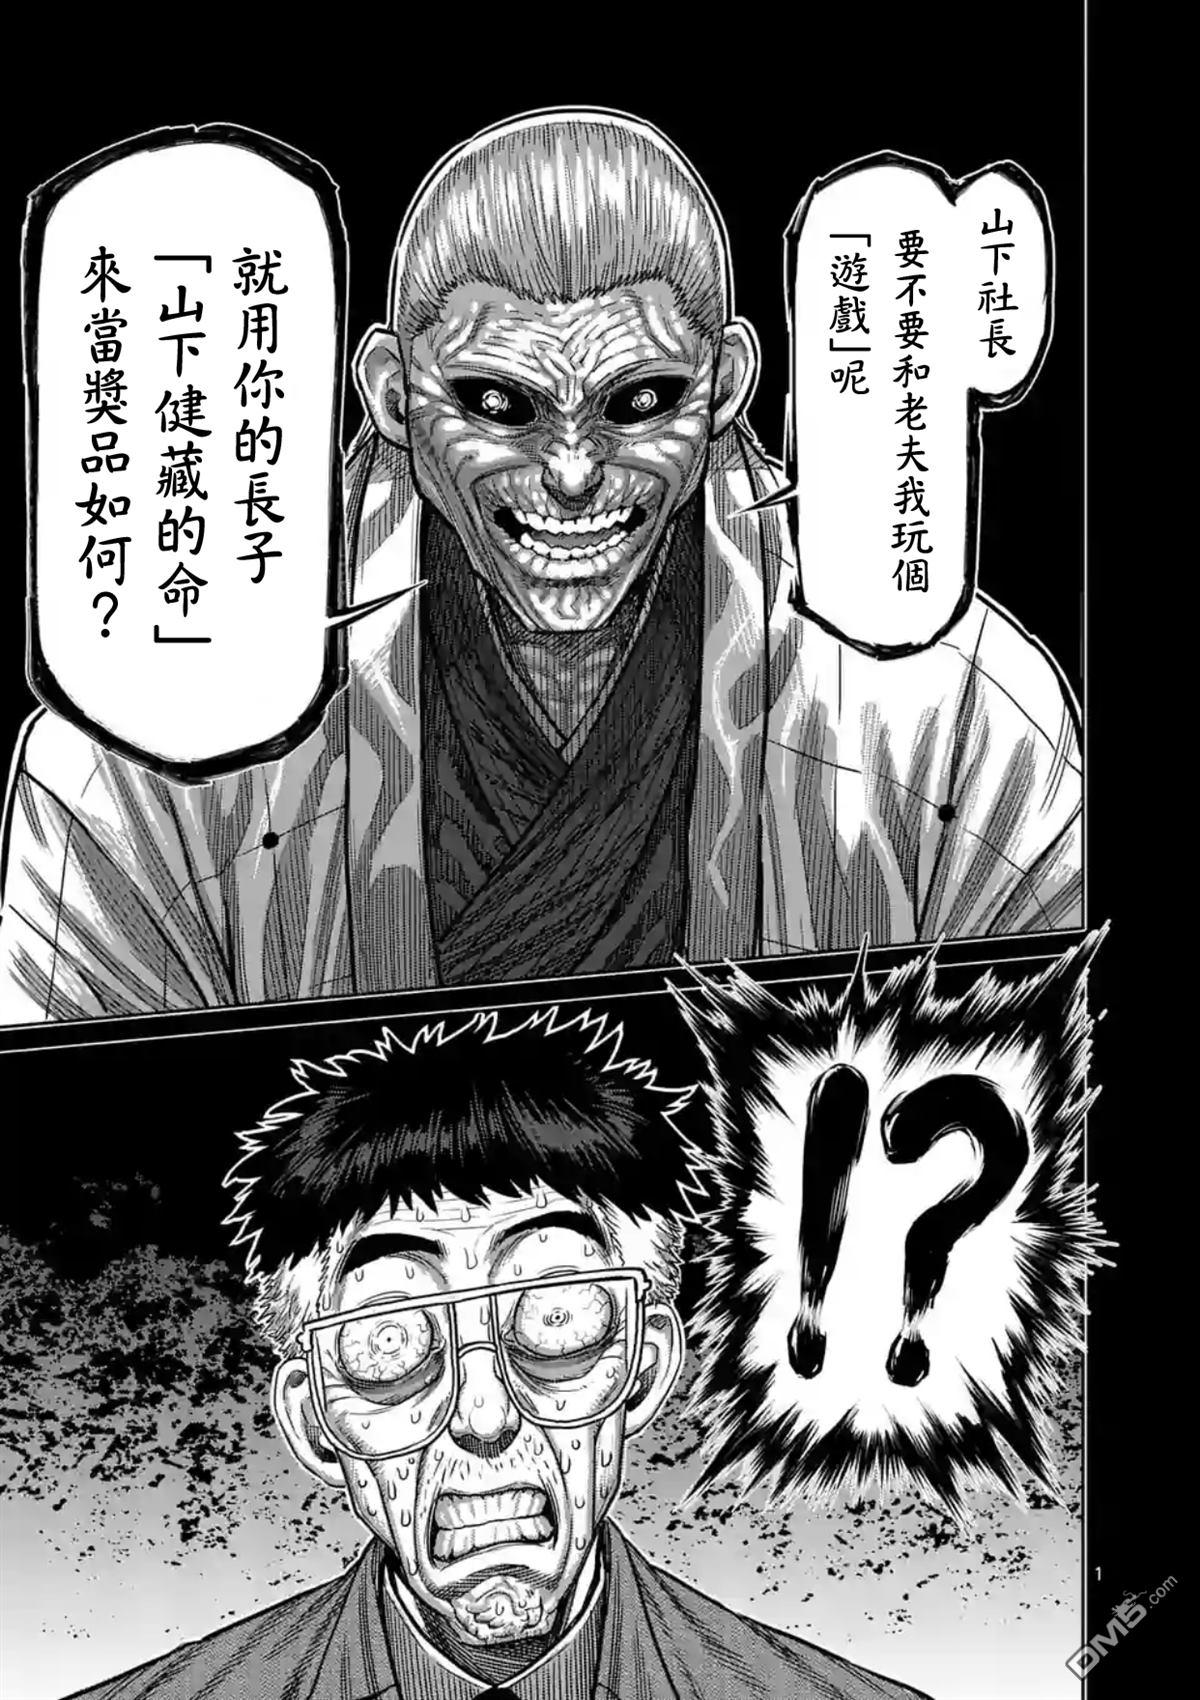 拳願阿修羅漫畫拳願阿修羅128話(第1頁)劇情-二次元動漫